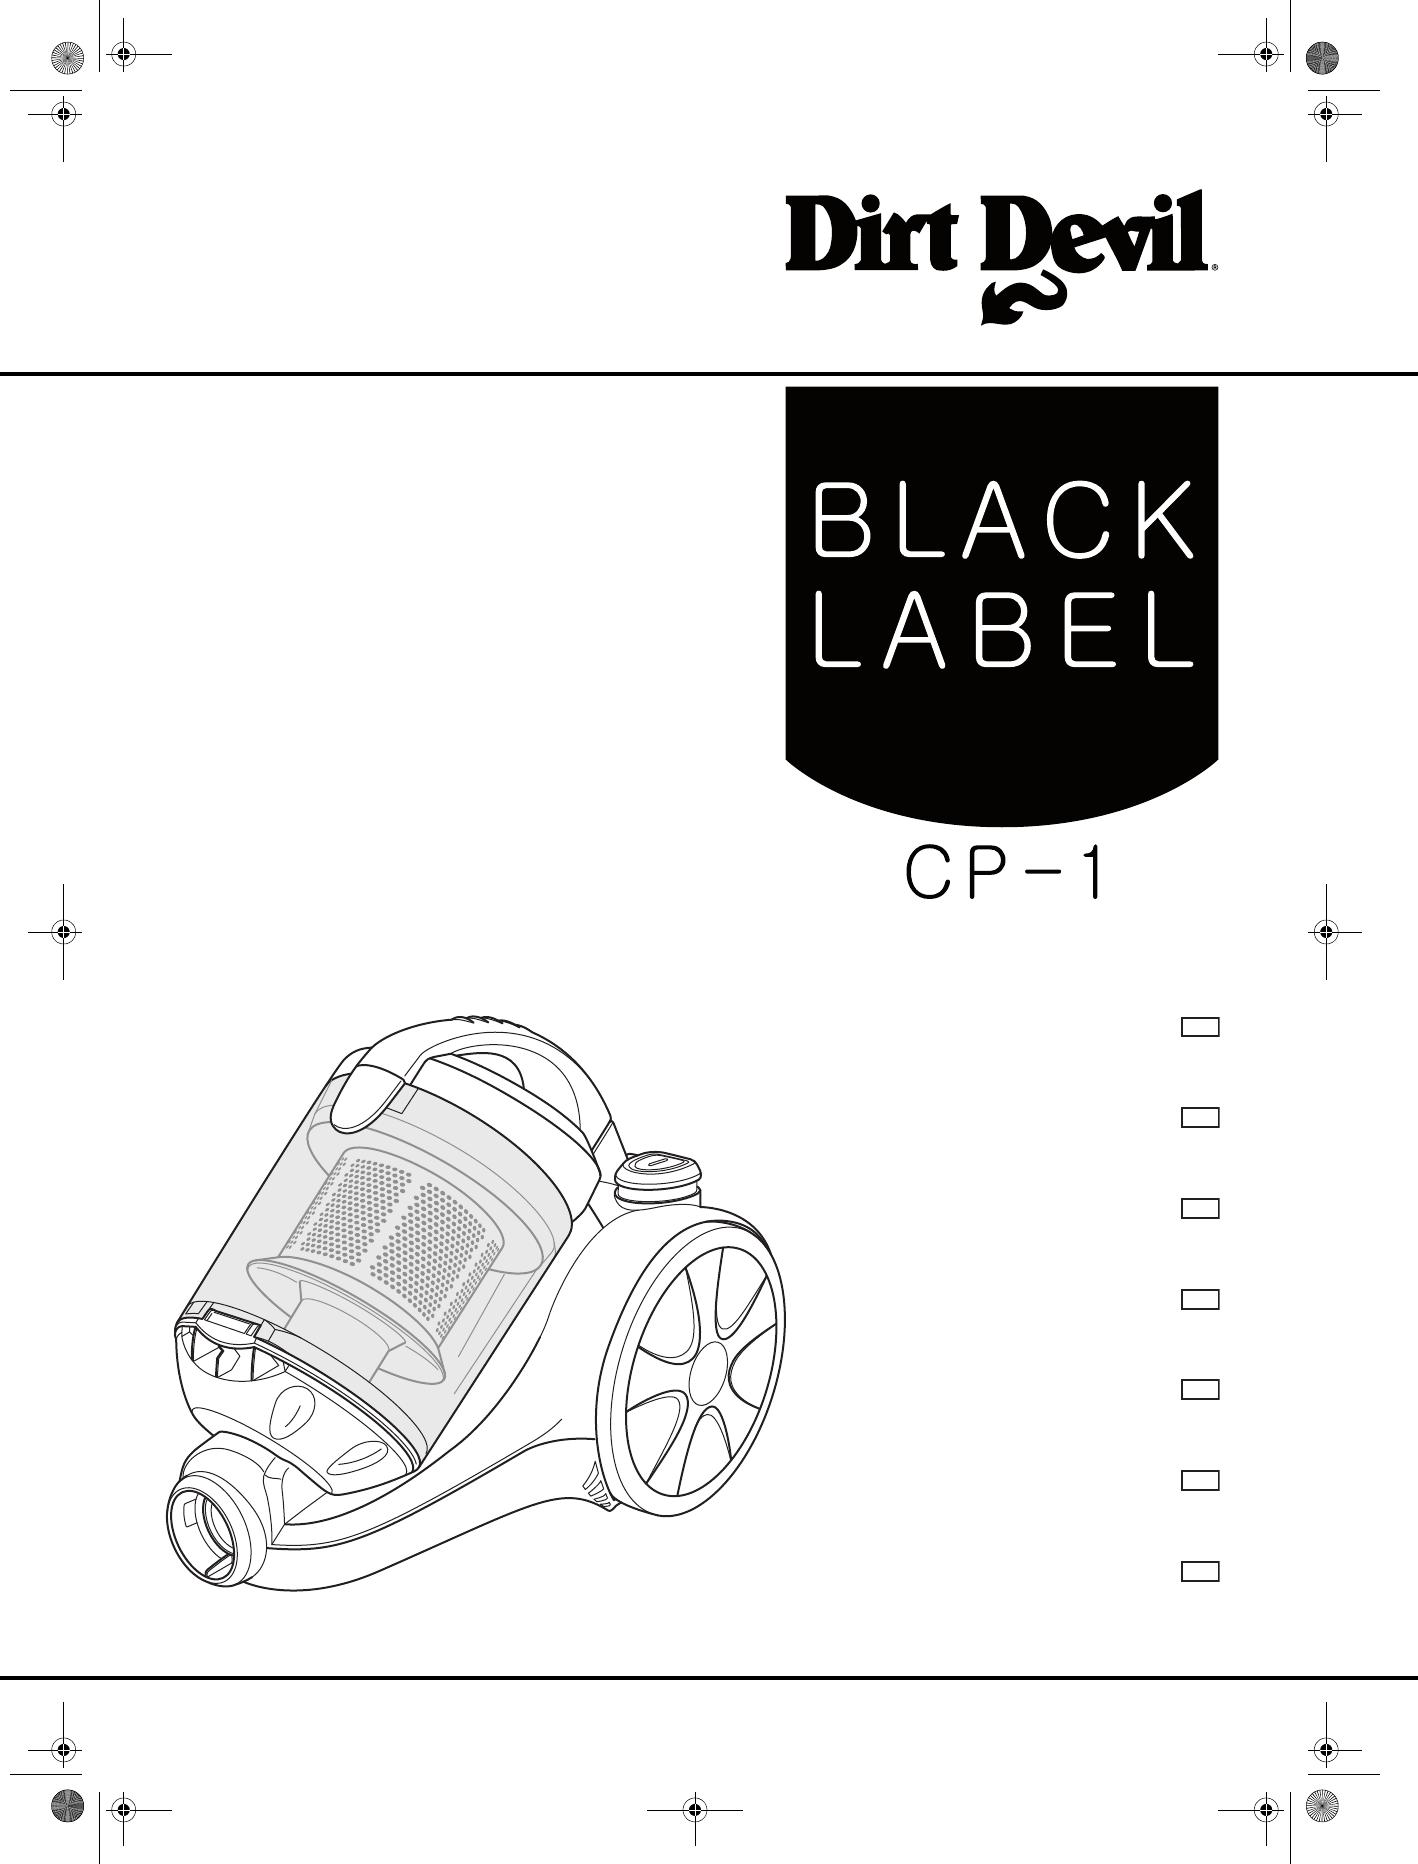 m3220-2 m3220-1 Piccolo protezione del motore-Filtro per Dirt Devil m3220-0